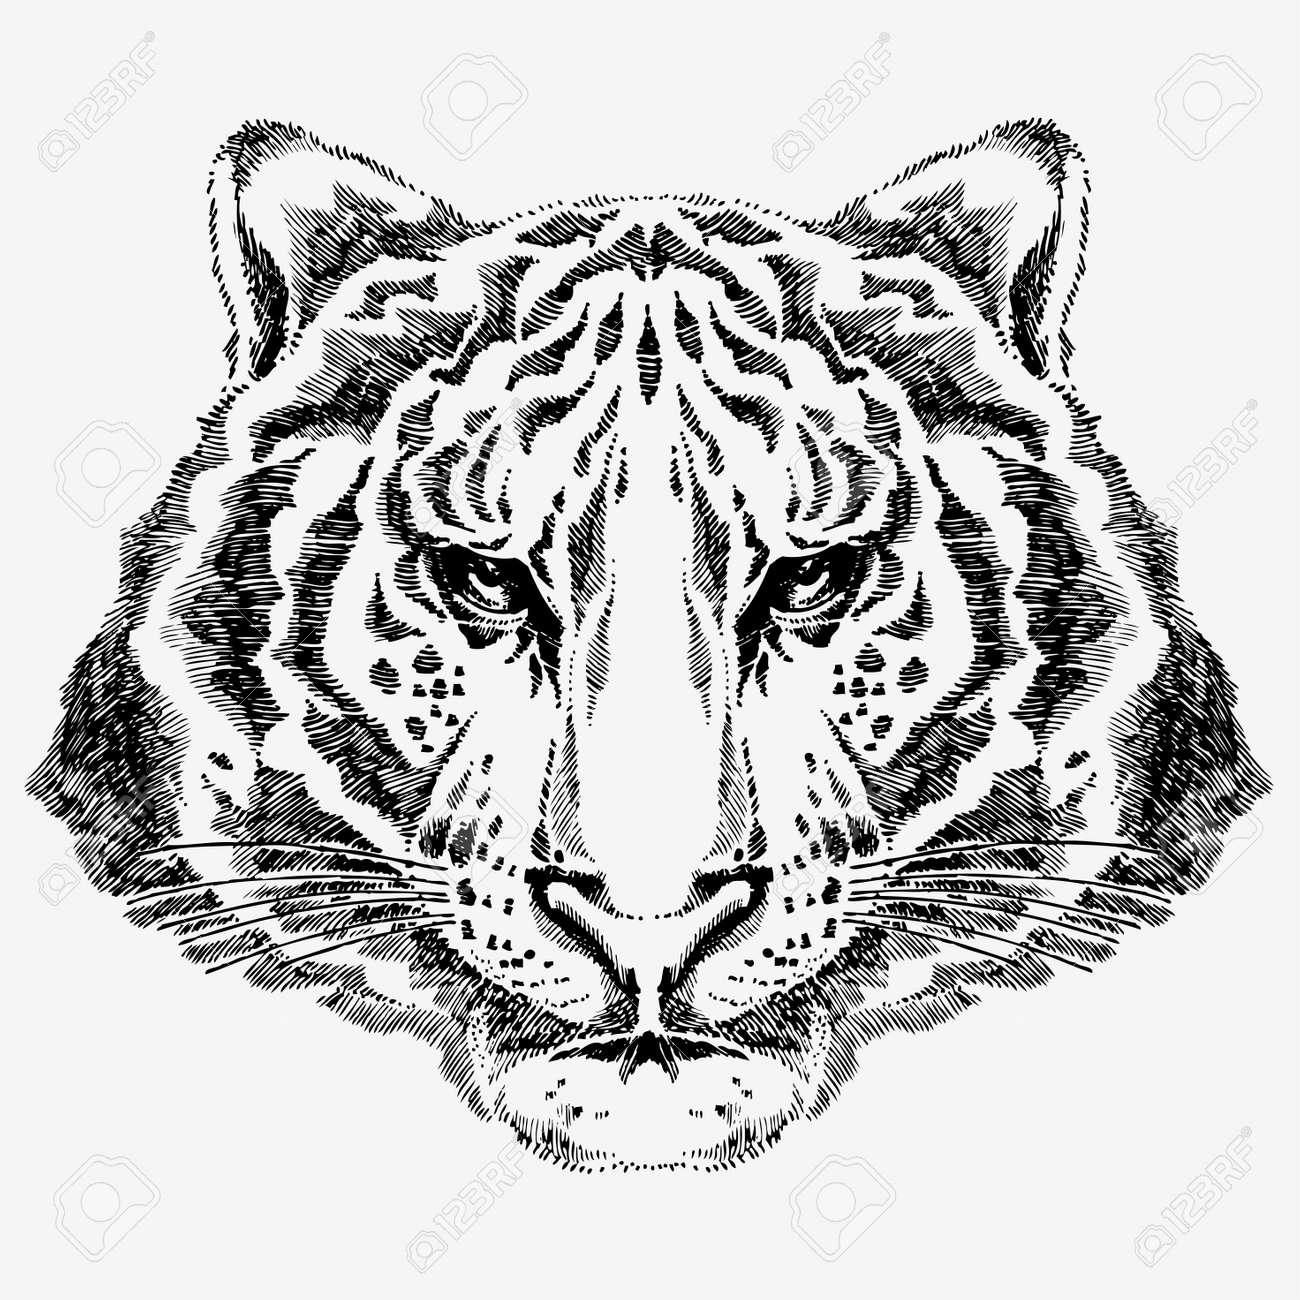 tiger drawing Stock Vector - 7860225